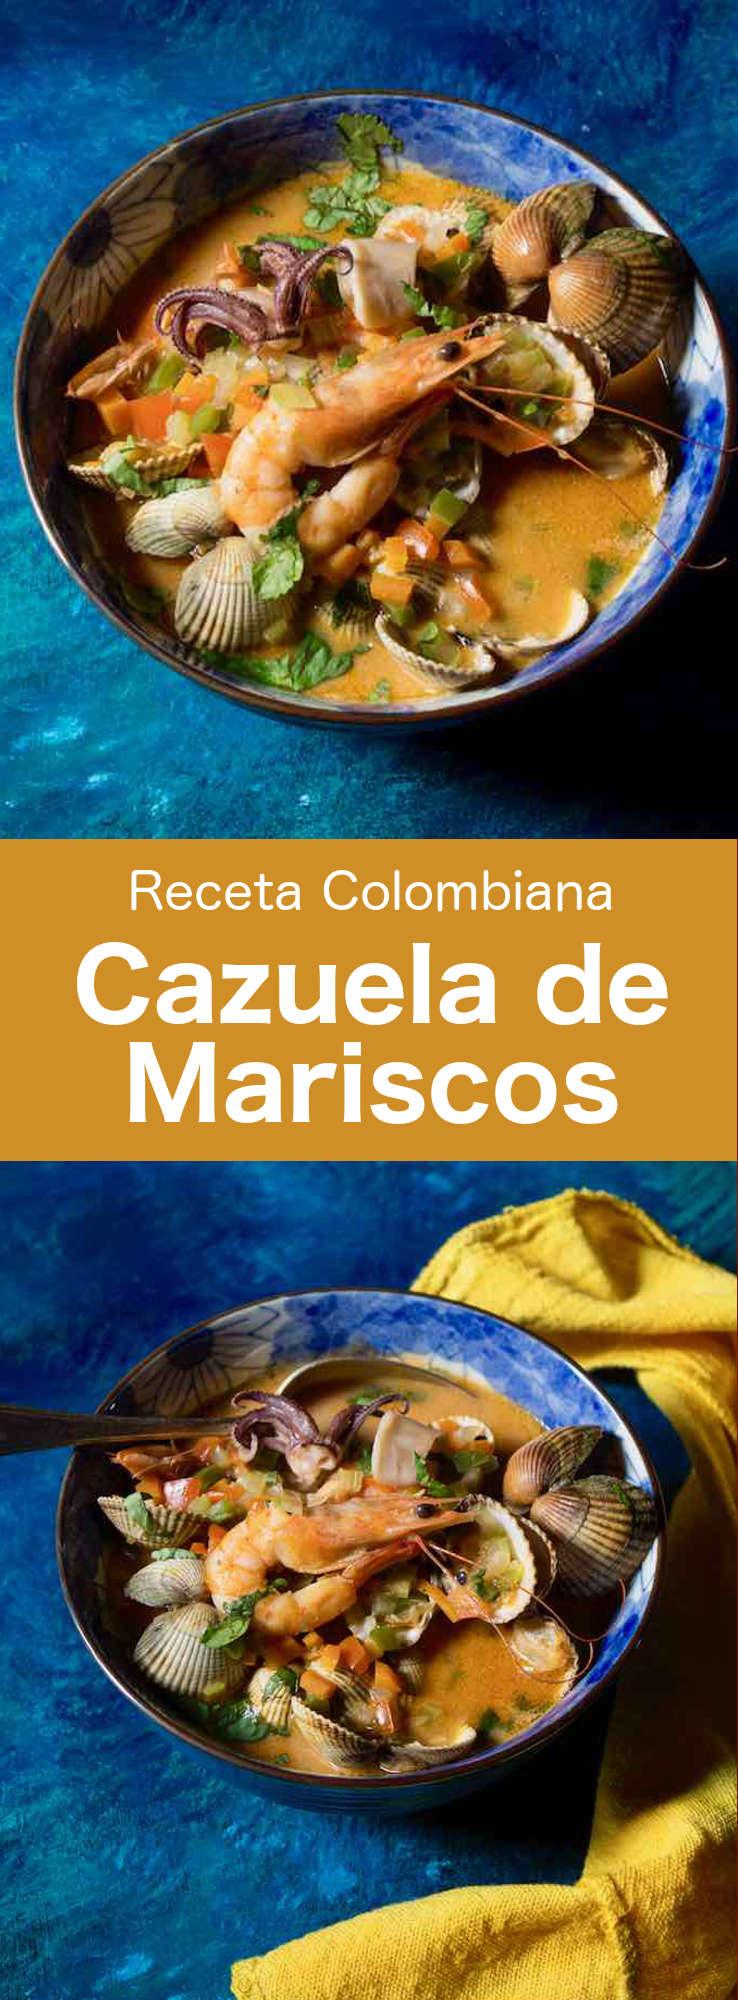 La cazuela de mariscos es un delicioso plato tradicional de la región caribeña de Colombia que se prepara con mariscos, pescado y verduras. #Colombia #196flavors